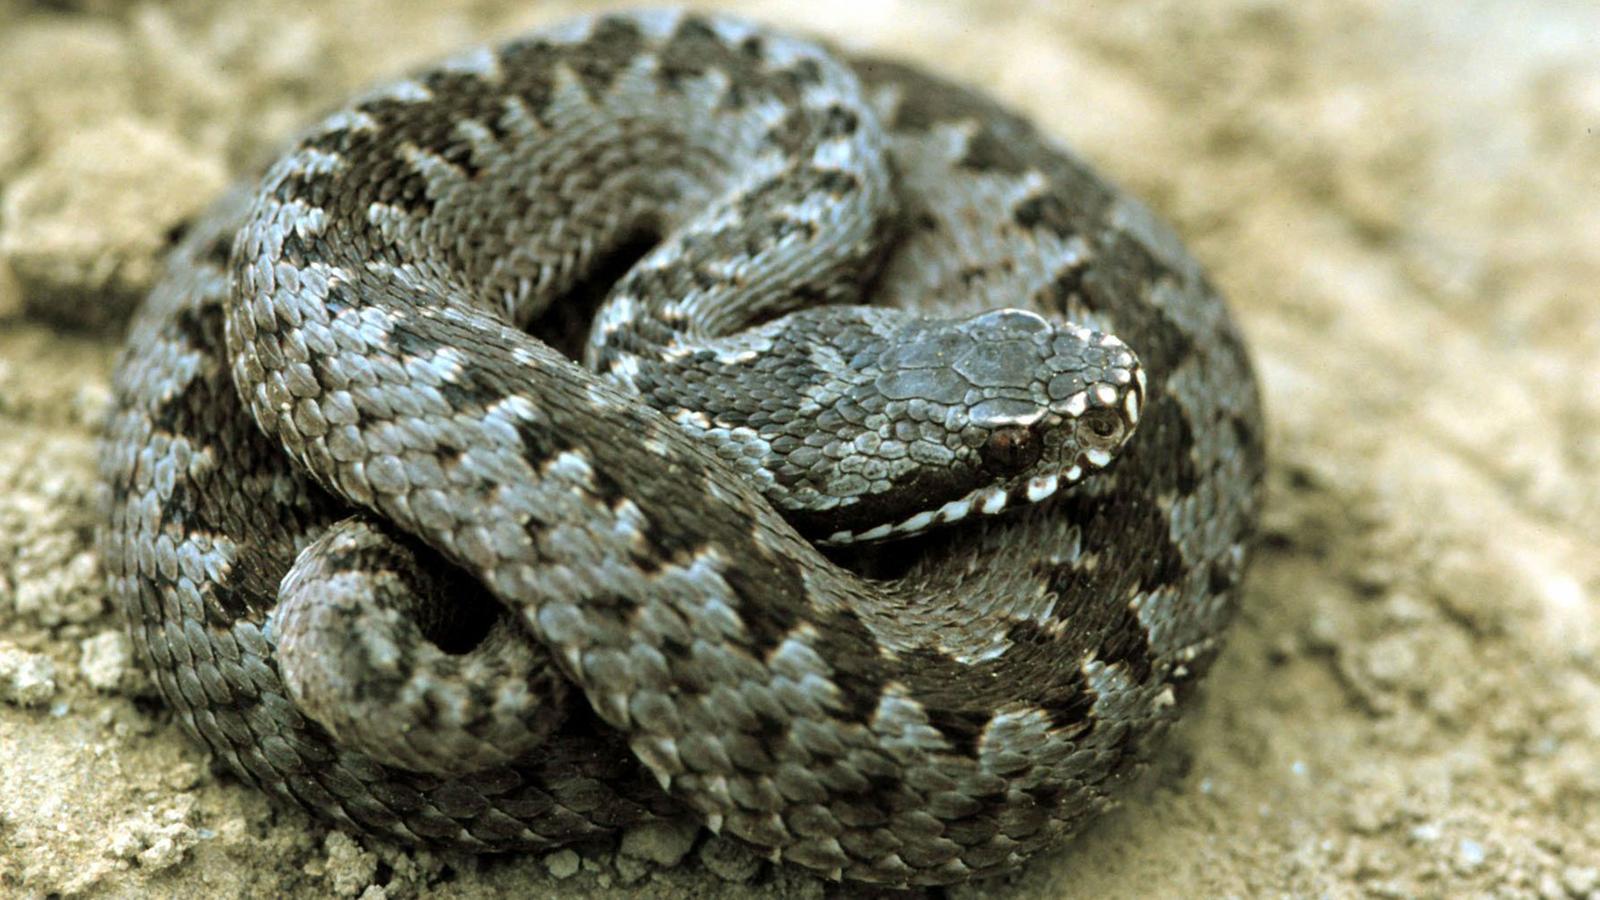 schlangen heimische schlangenarten reptilien und schmuck natur planet wissen. Black Bedroom Furniture Sets. Home Design Ideas